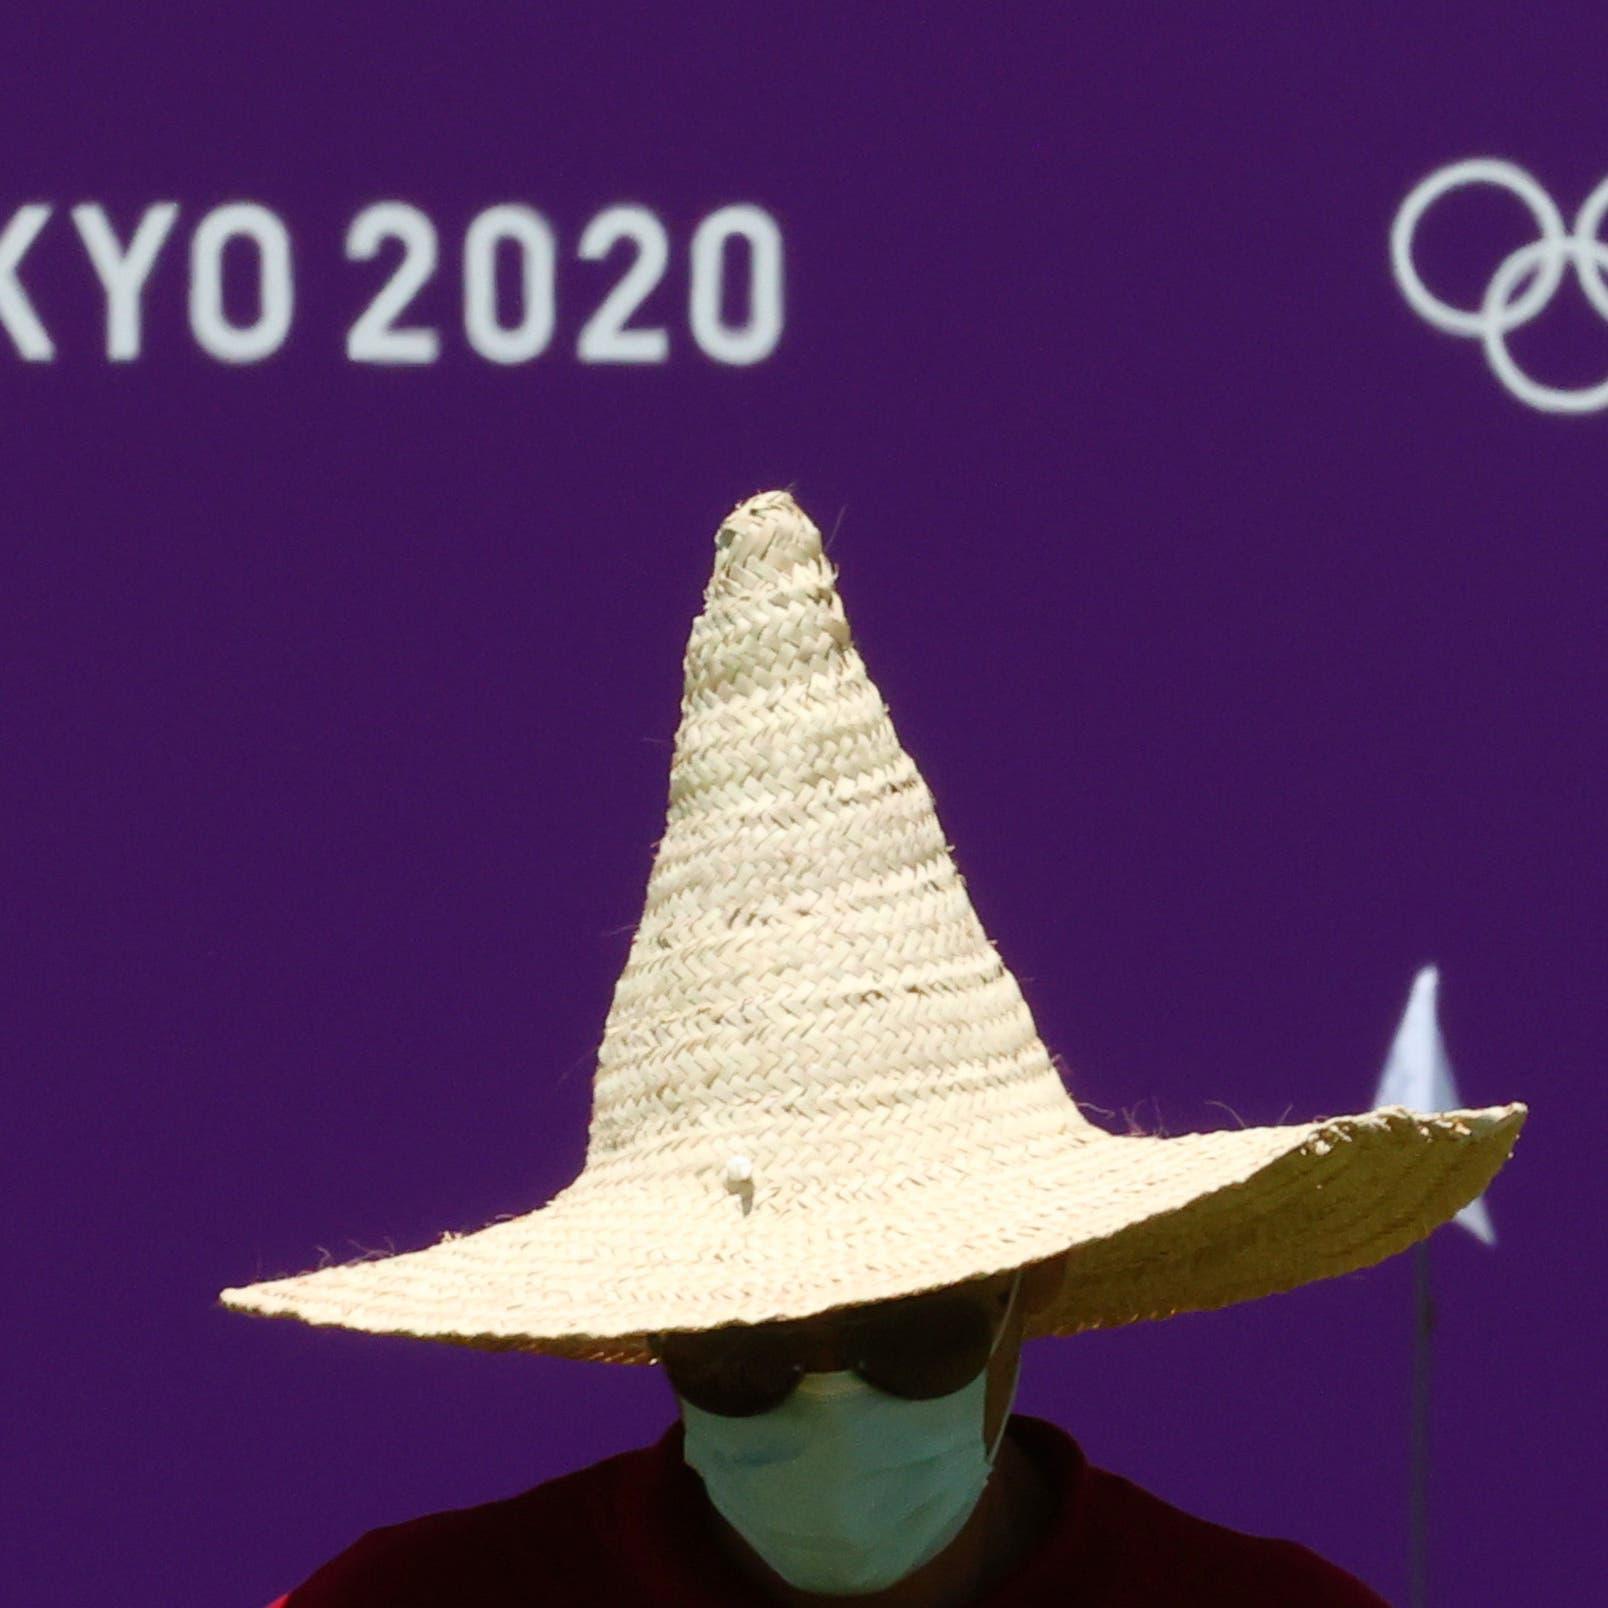 أولمبياد طوكيو يخلق الجدل.. الراعي العالمي للحدث يدير ظهره